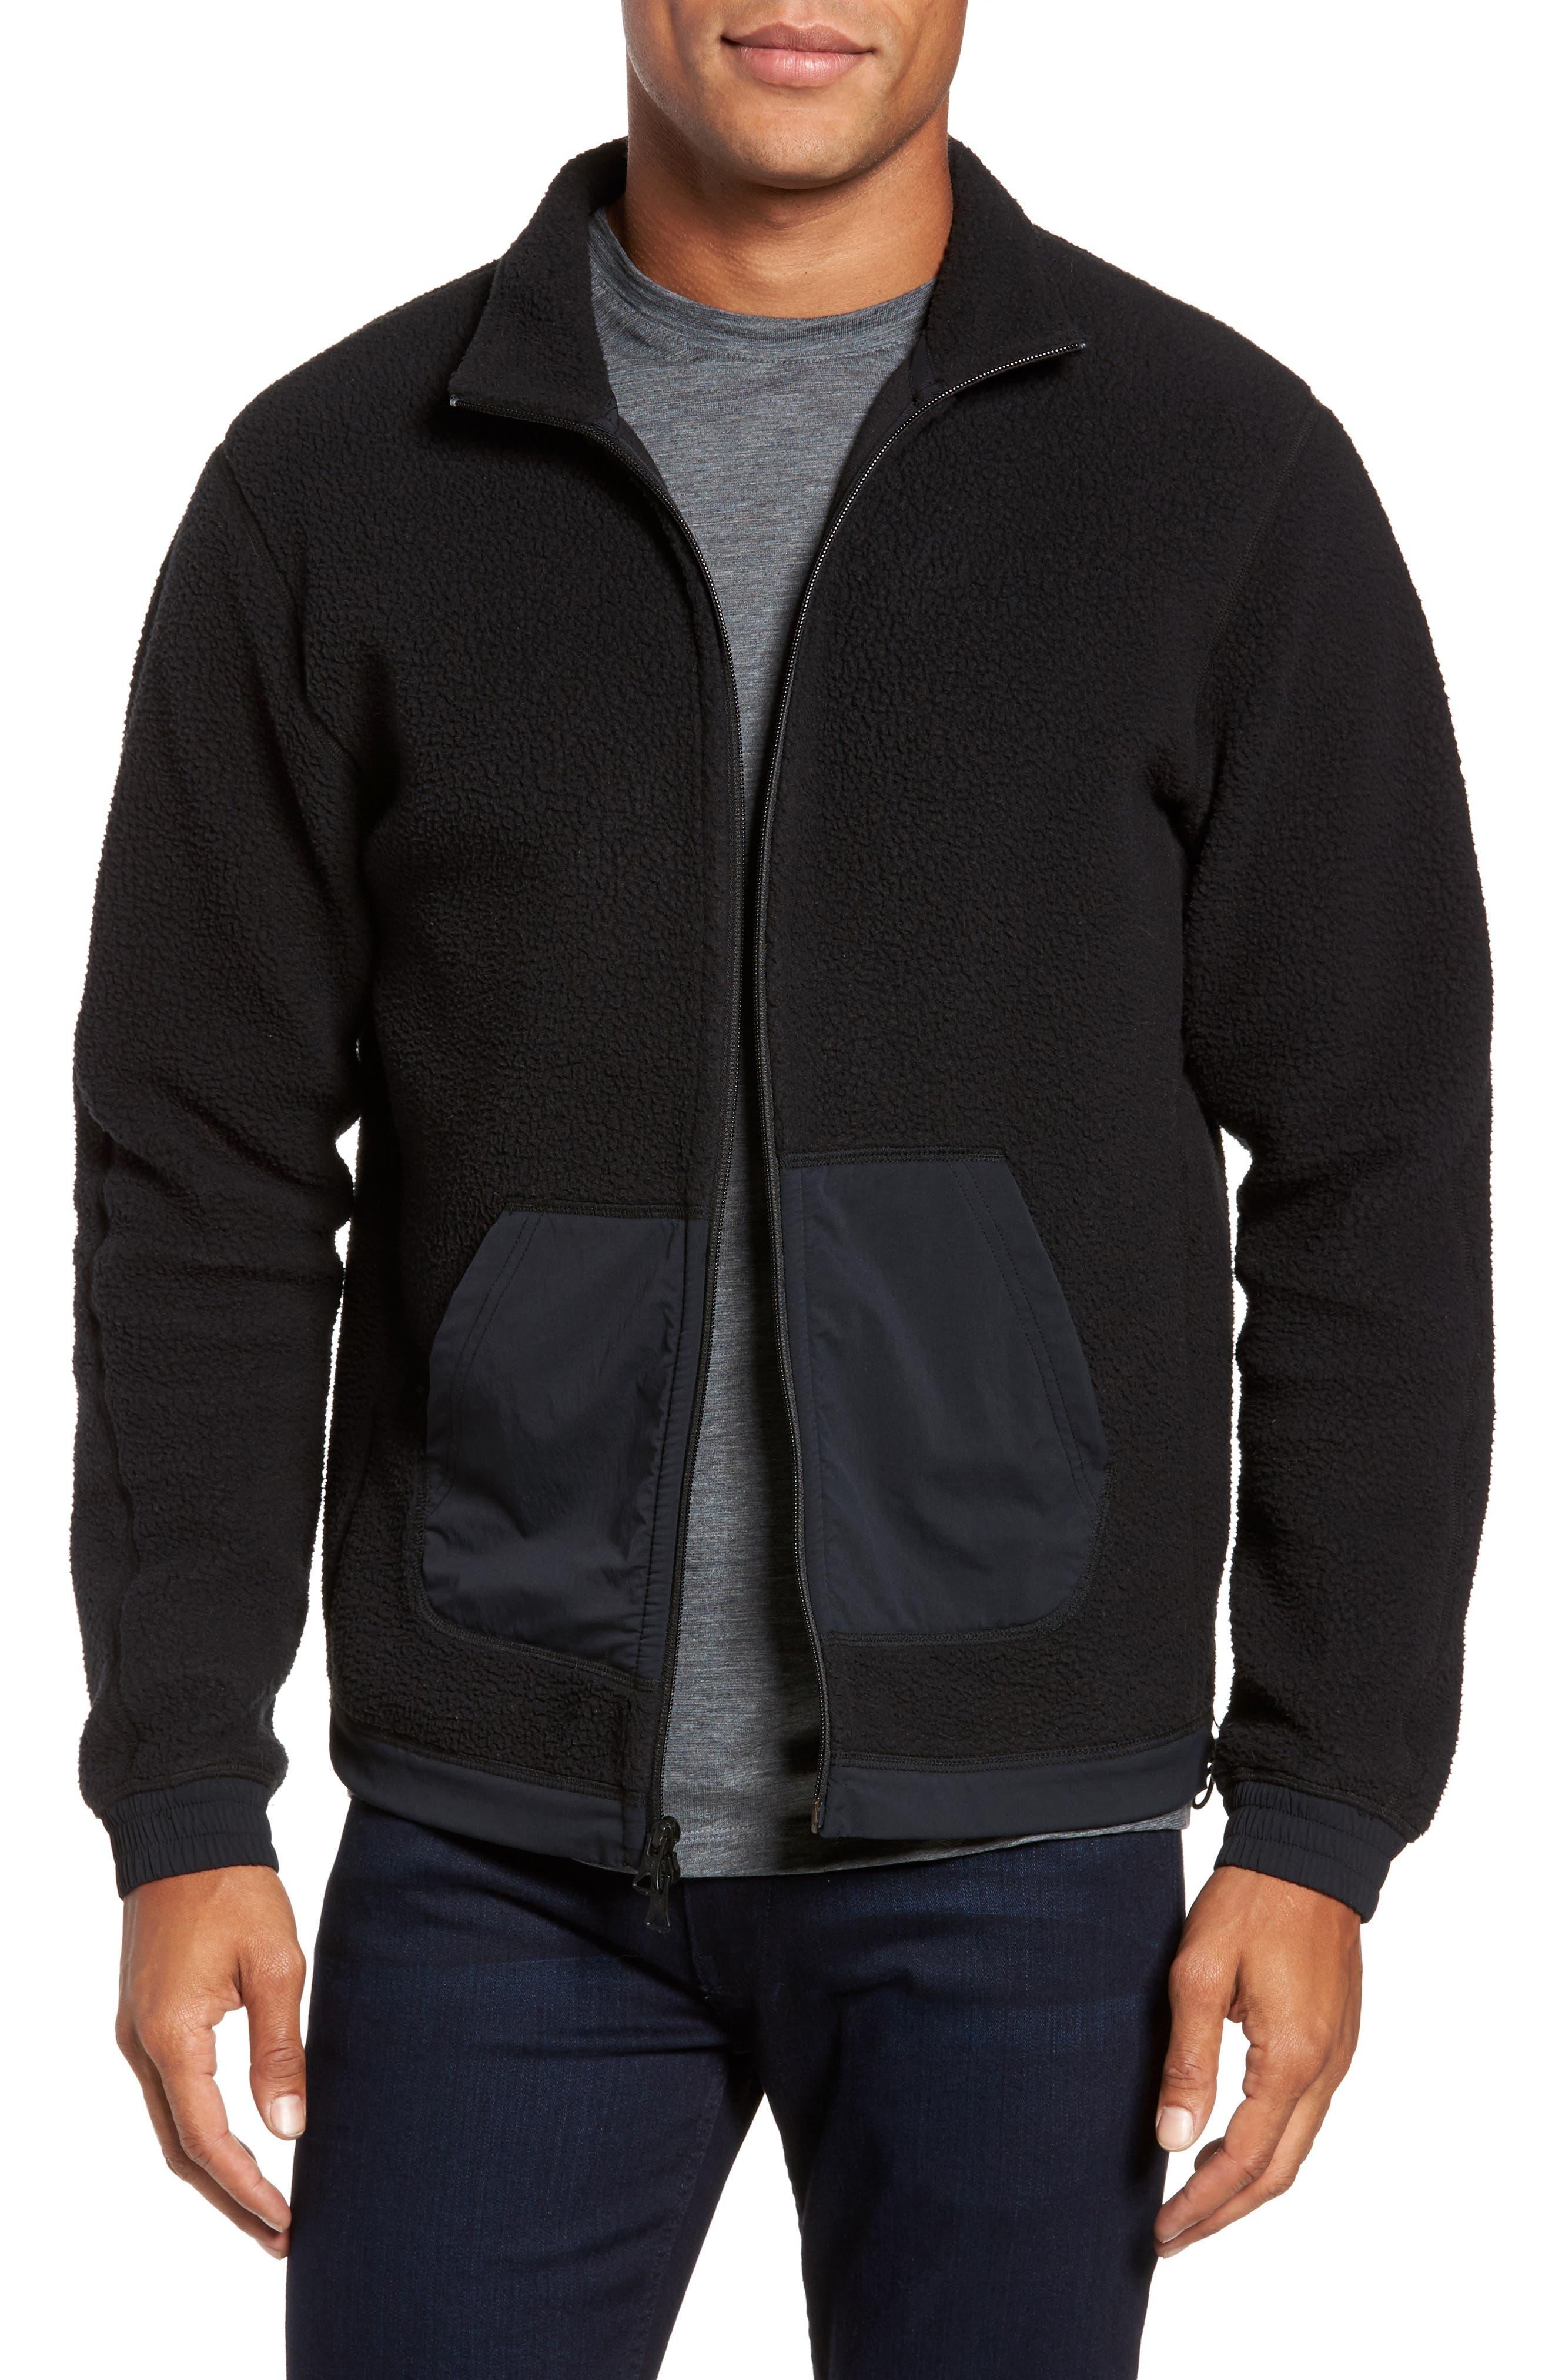 Trim Fit Trail Jacket,                         Main,                         color, Black